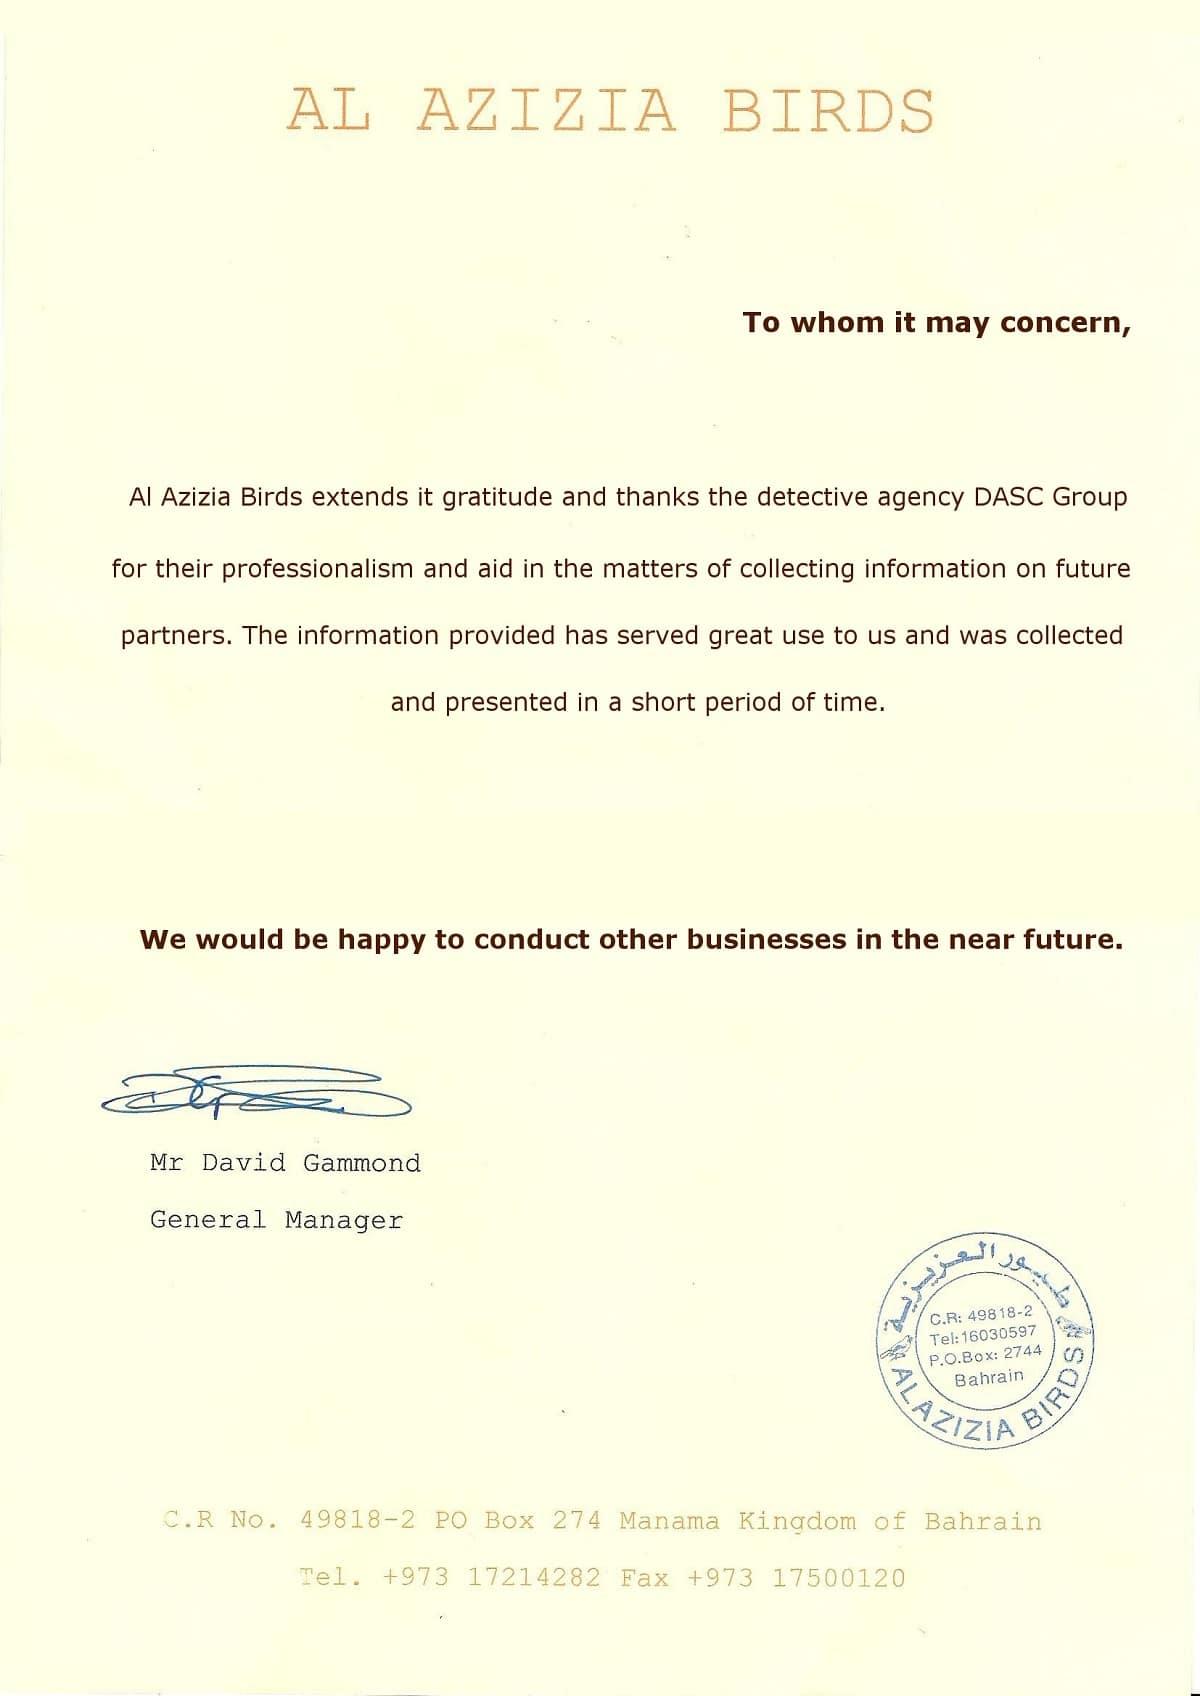 Рекомендательное письмо детективному агентству DASC Group